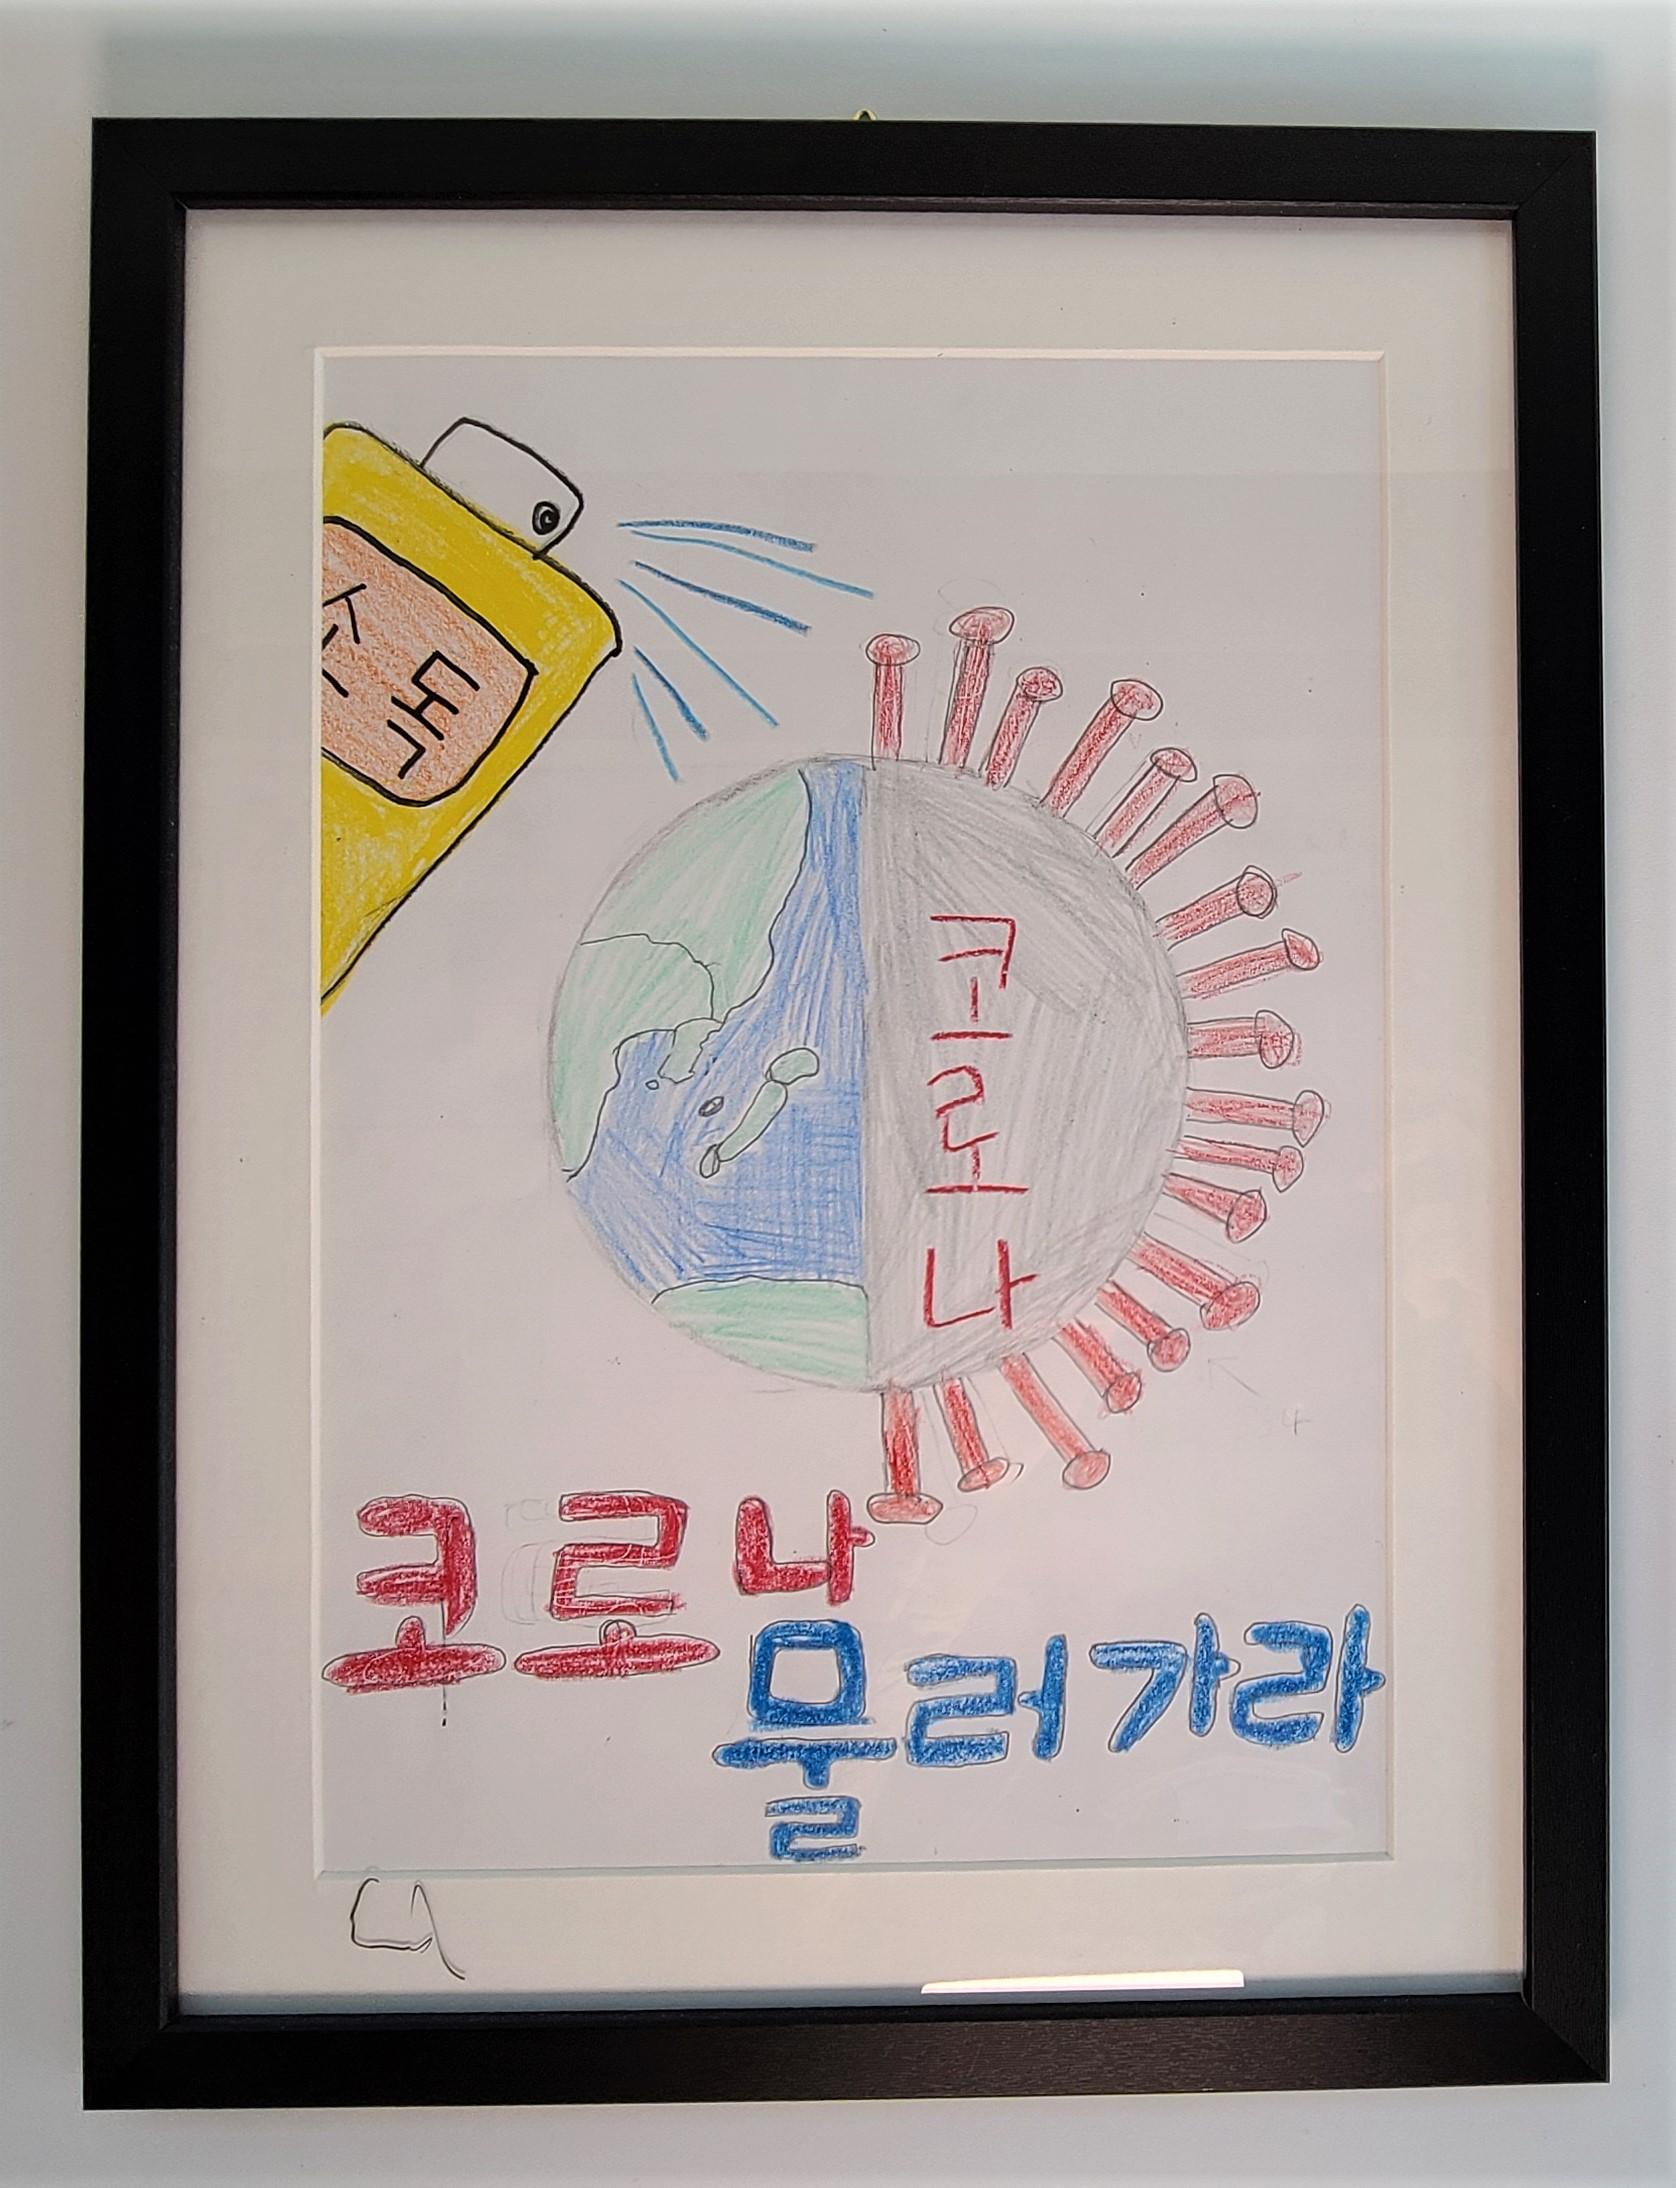 작품명 - 코로나19 물러가라!